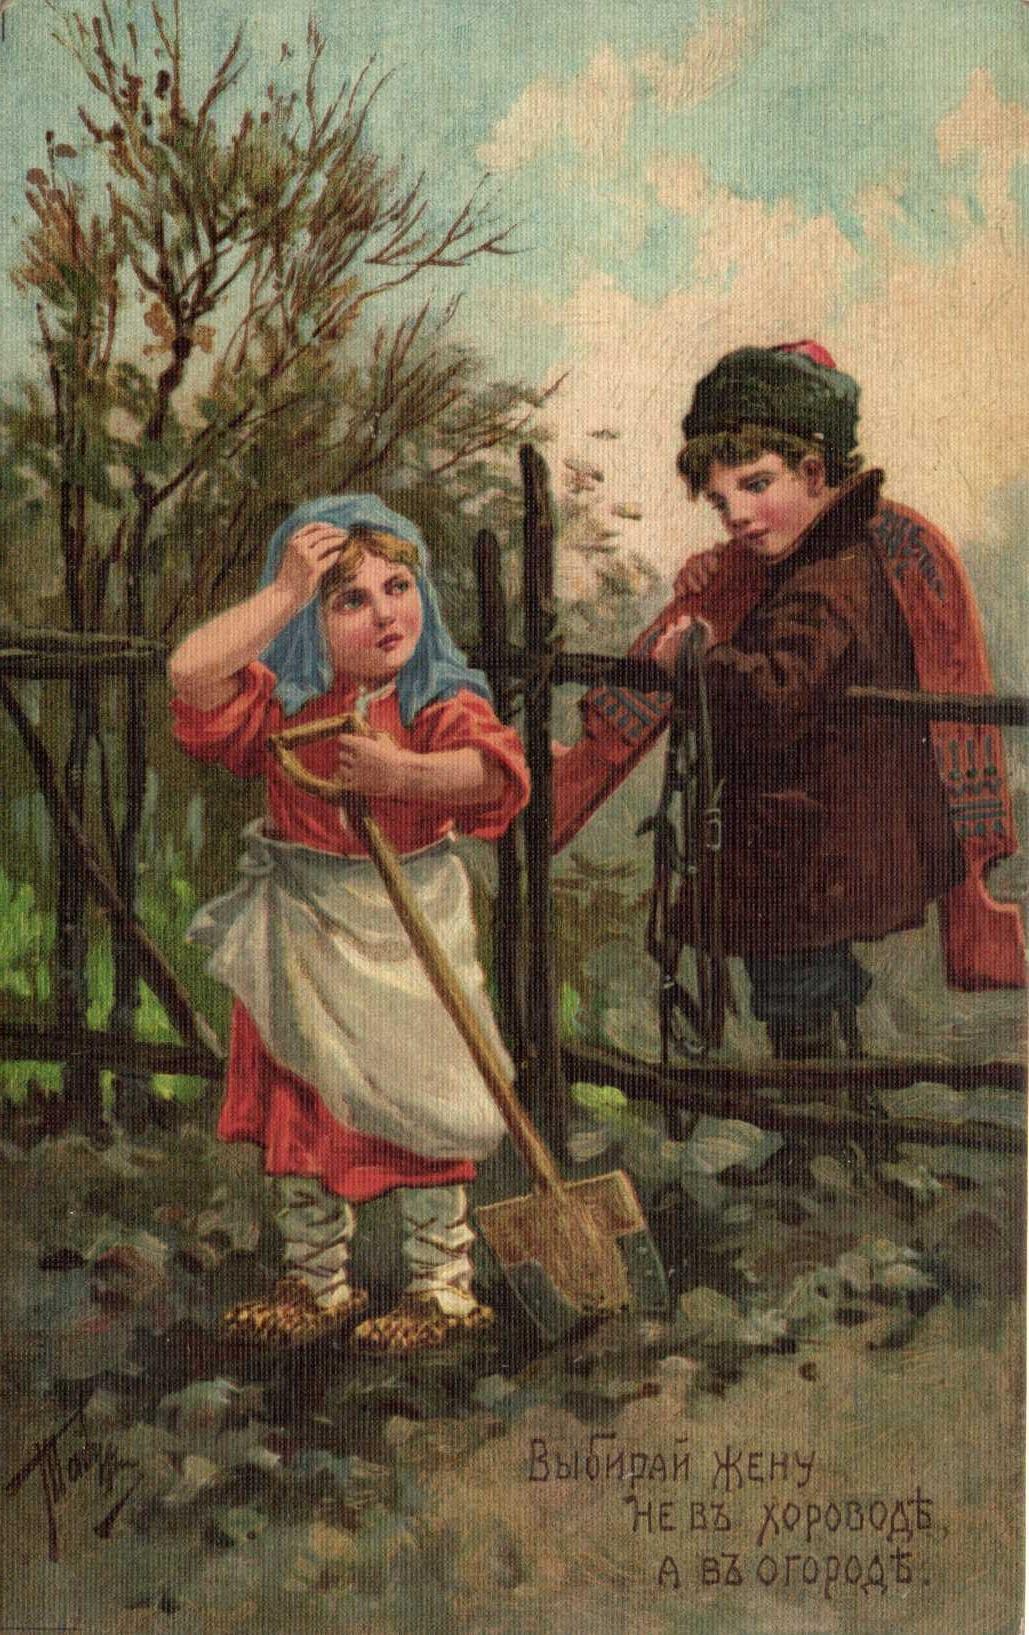 Серия открыток владимира табурина, спецназа россии